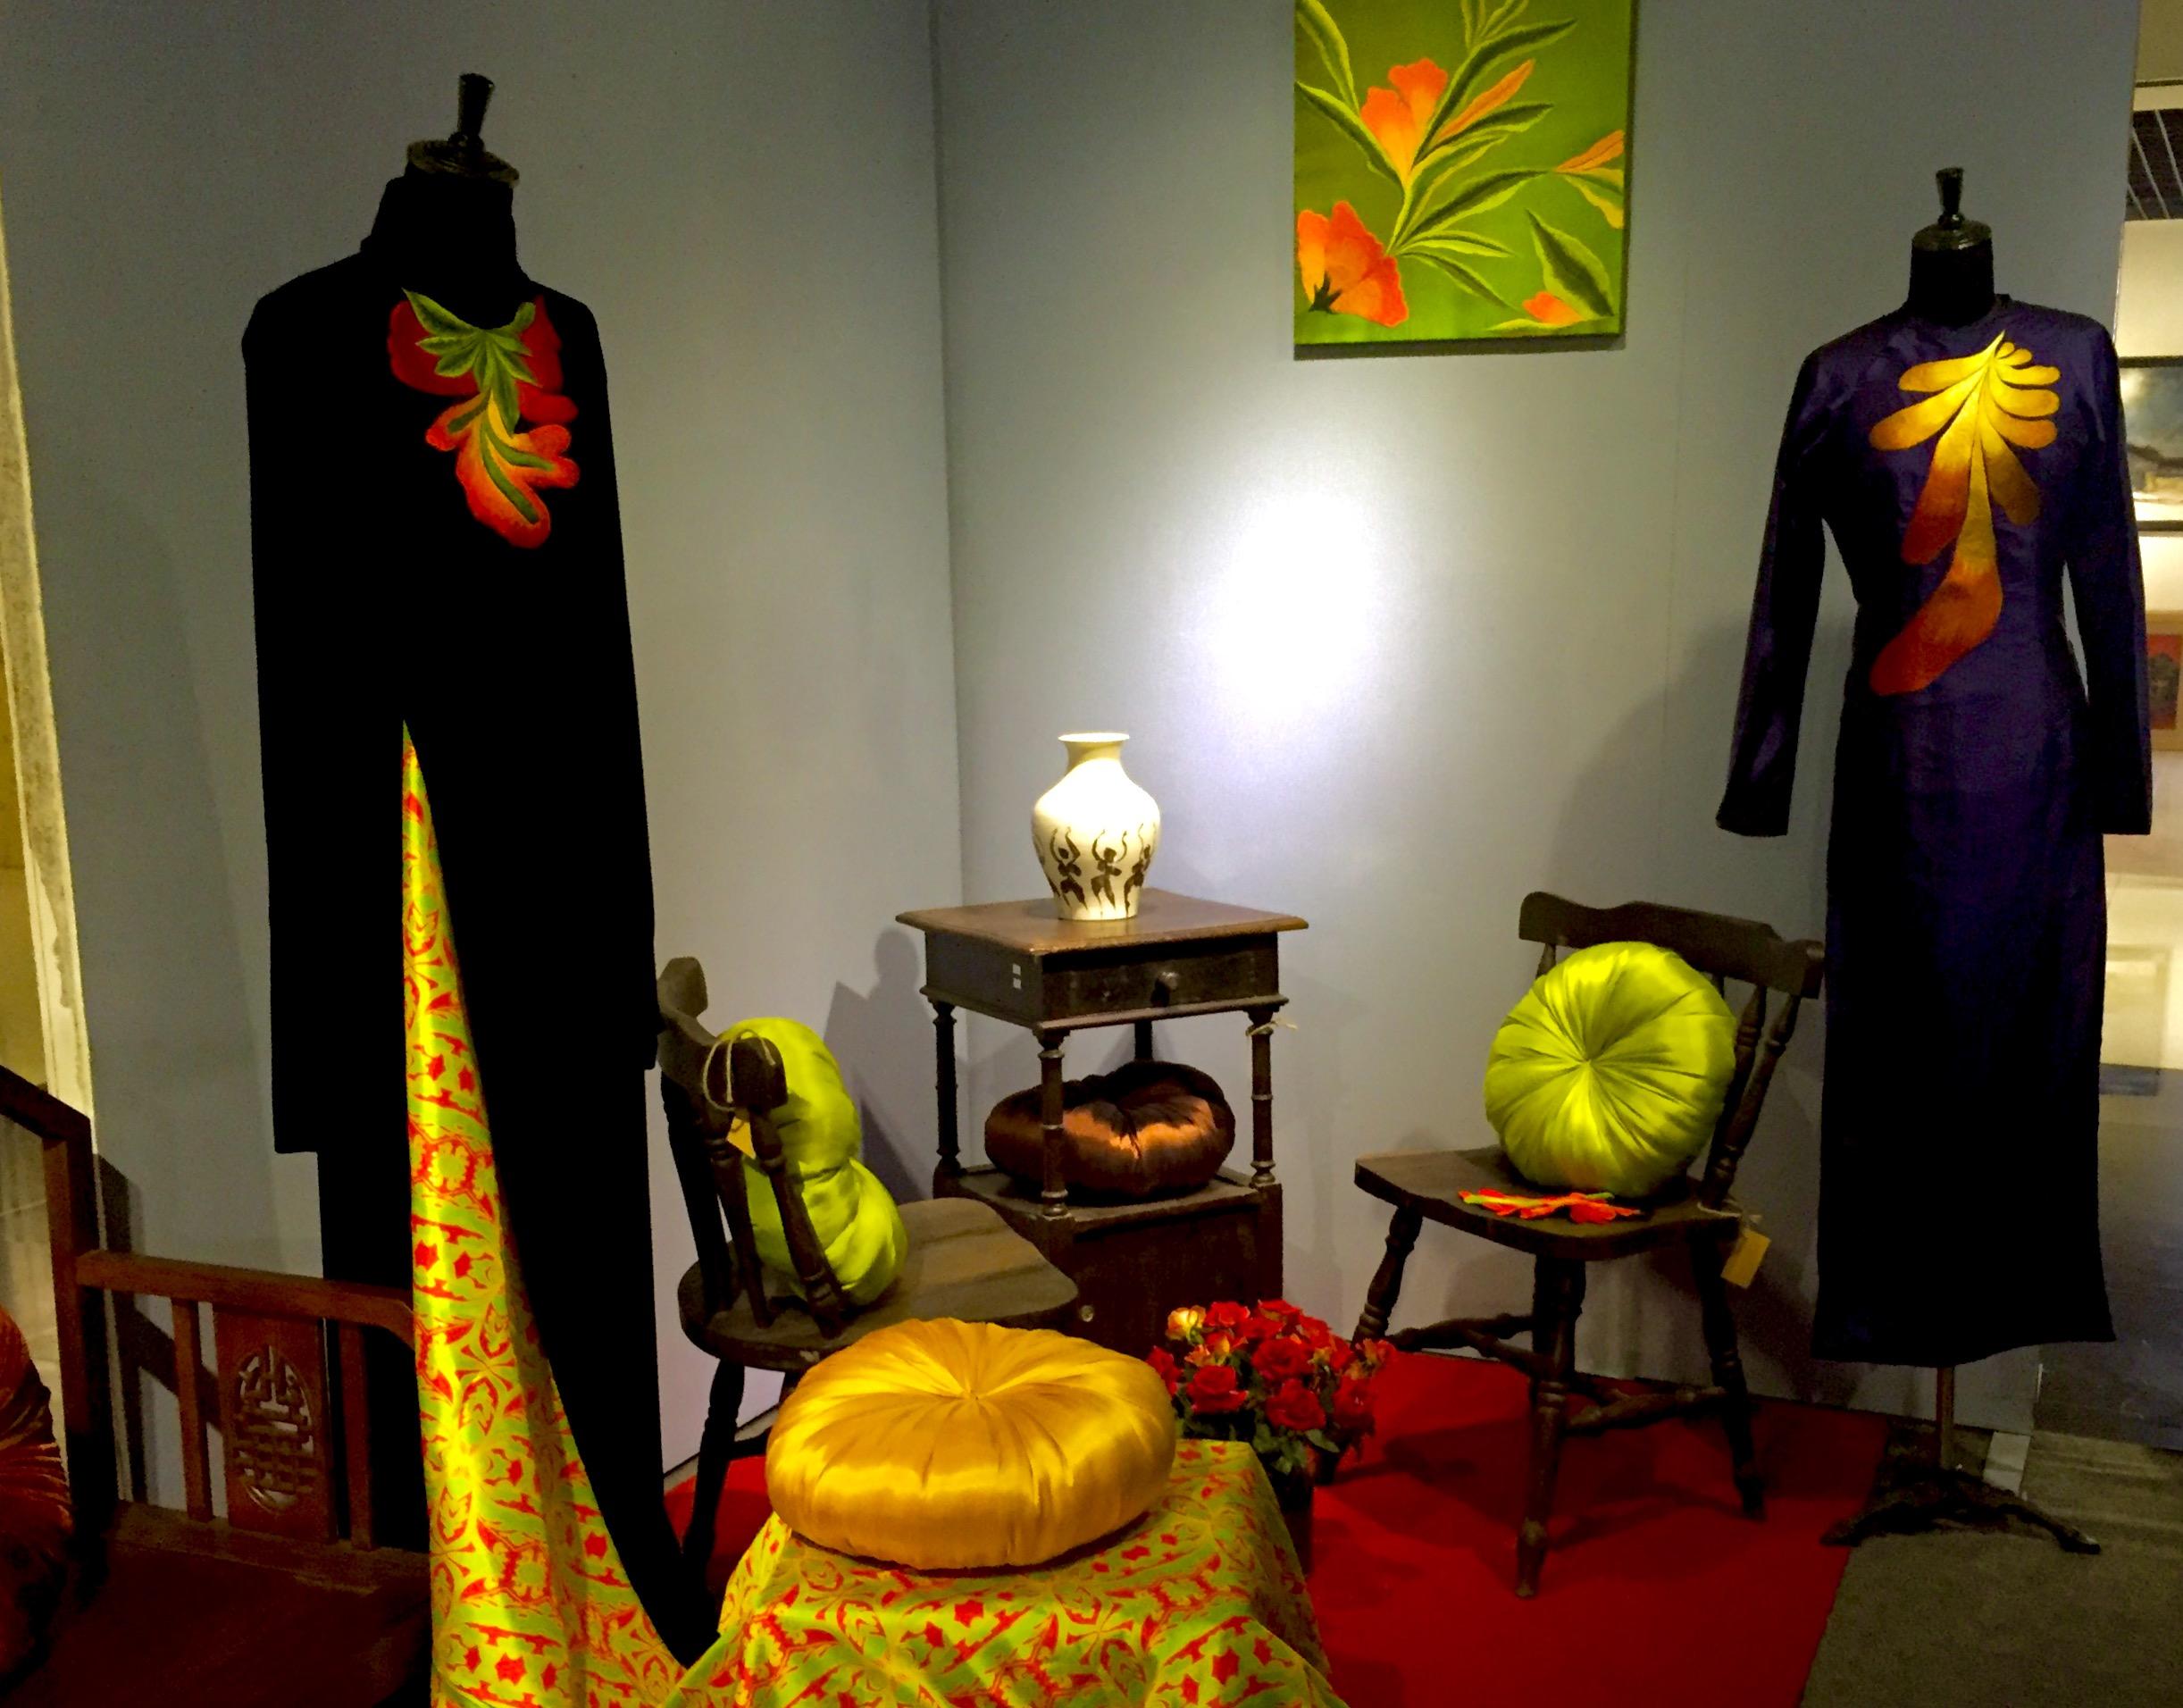 Tet Dome exhibition in Hanoi